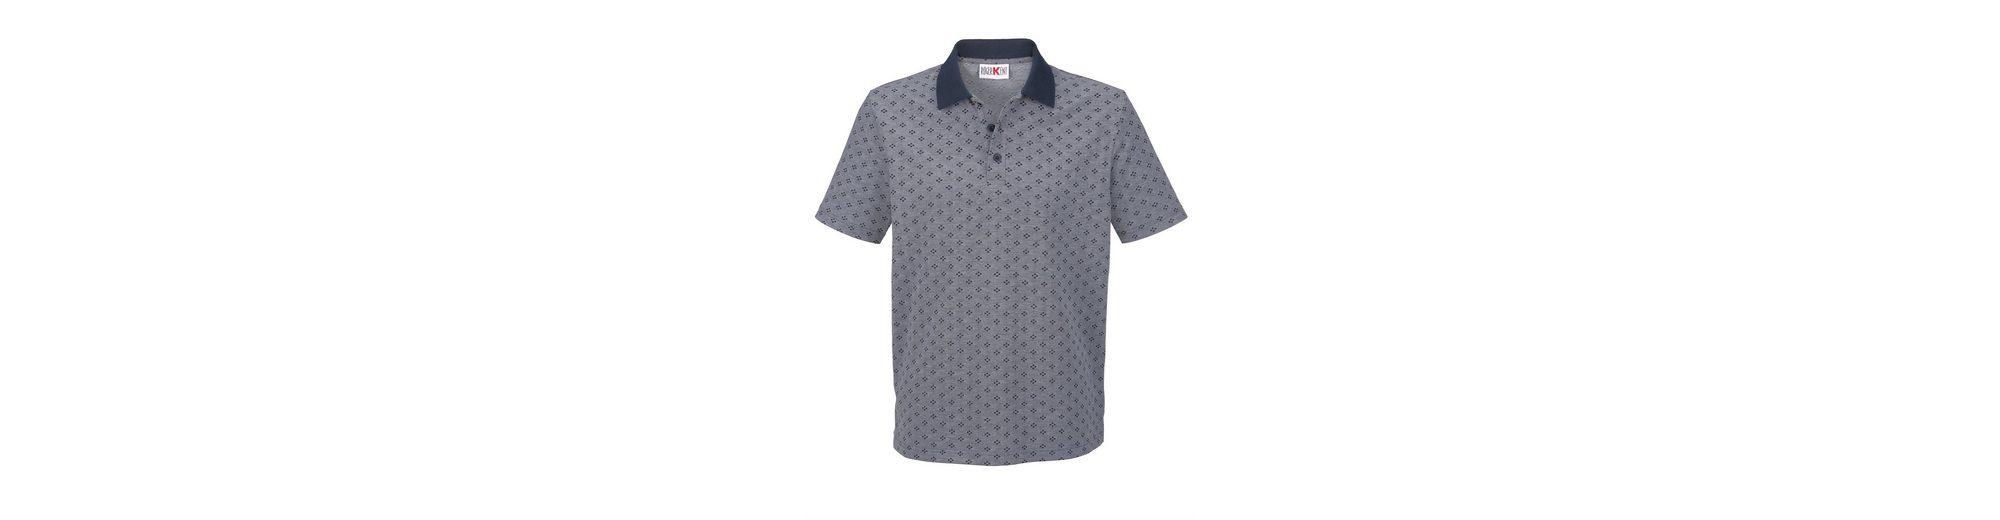 Top-Qualität Verkauf Online Billig Offiziellen Roger Kent Poloshirt mit Jacquardmusterung Billig Verkauf Für Billig 0j0wYO